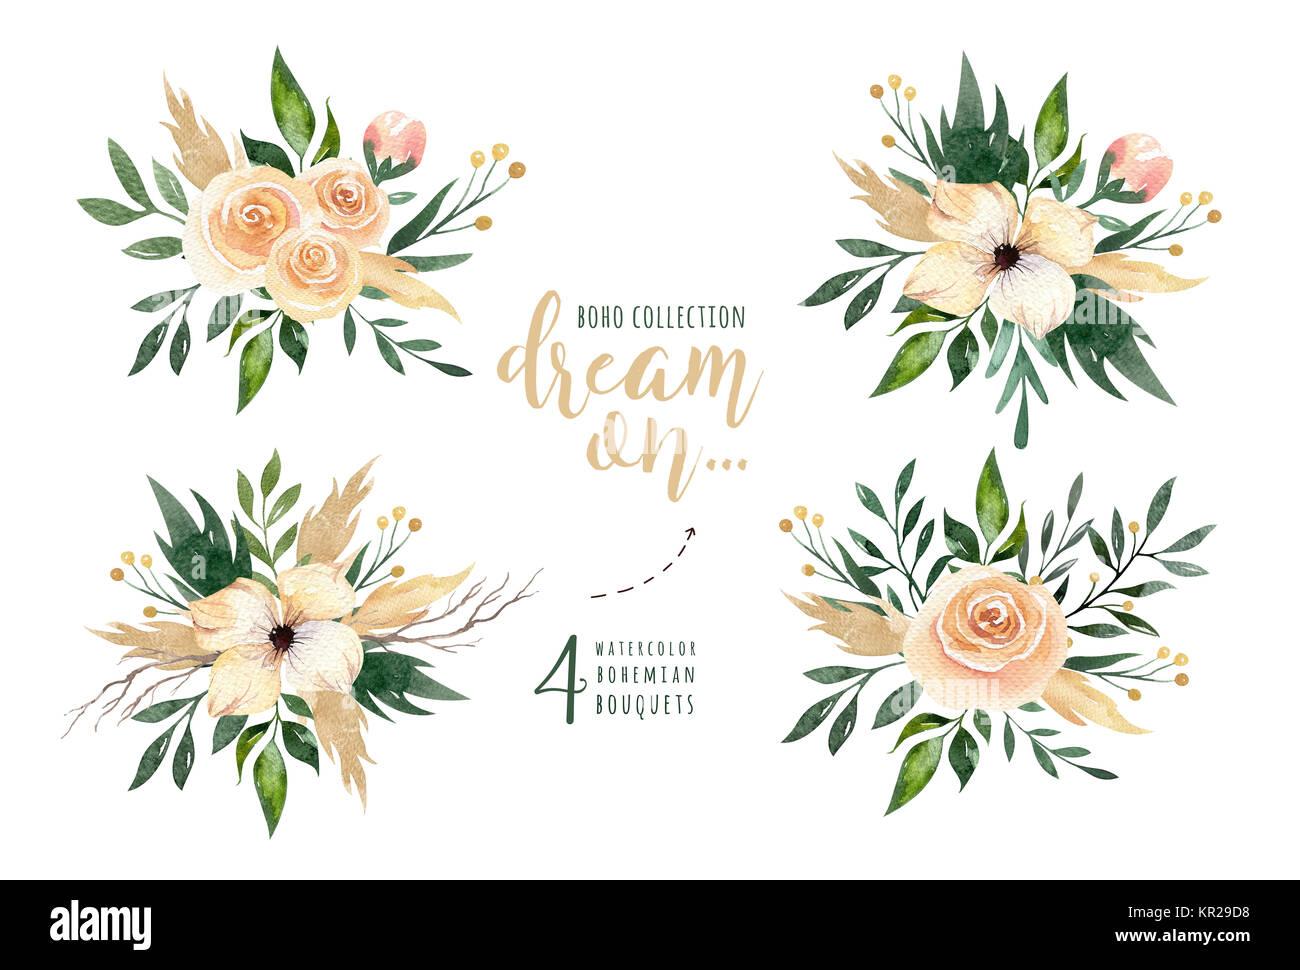 Hand Gezeichnet Aquarelle Grün Blätter Und Blumensträuße. Boho Style Grün  Und Gold. Abbildung Auf Weißen Isoliert. Art Design Für Einladung, Hochzeit  Karte.